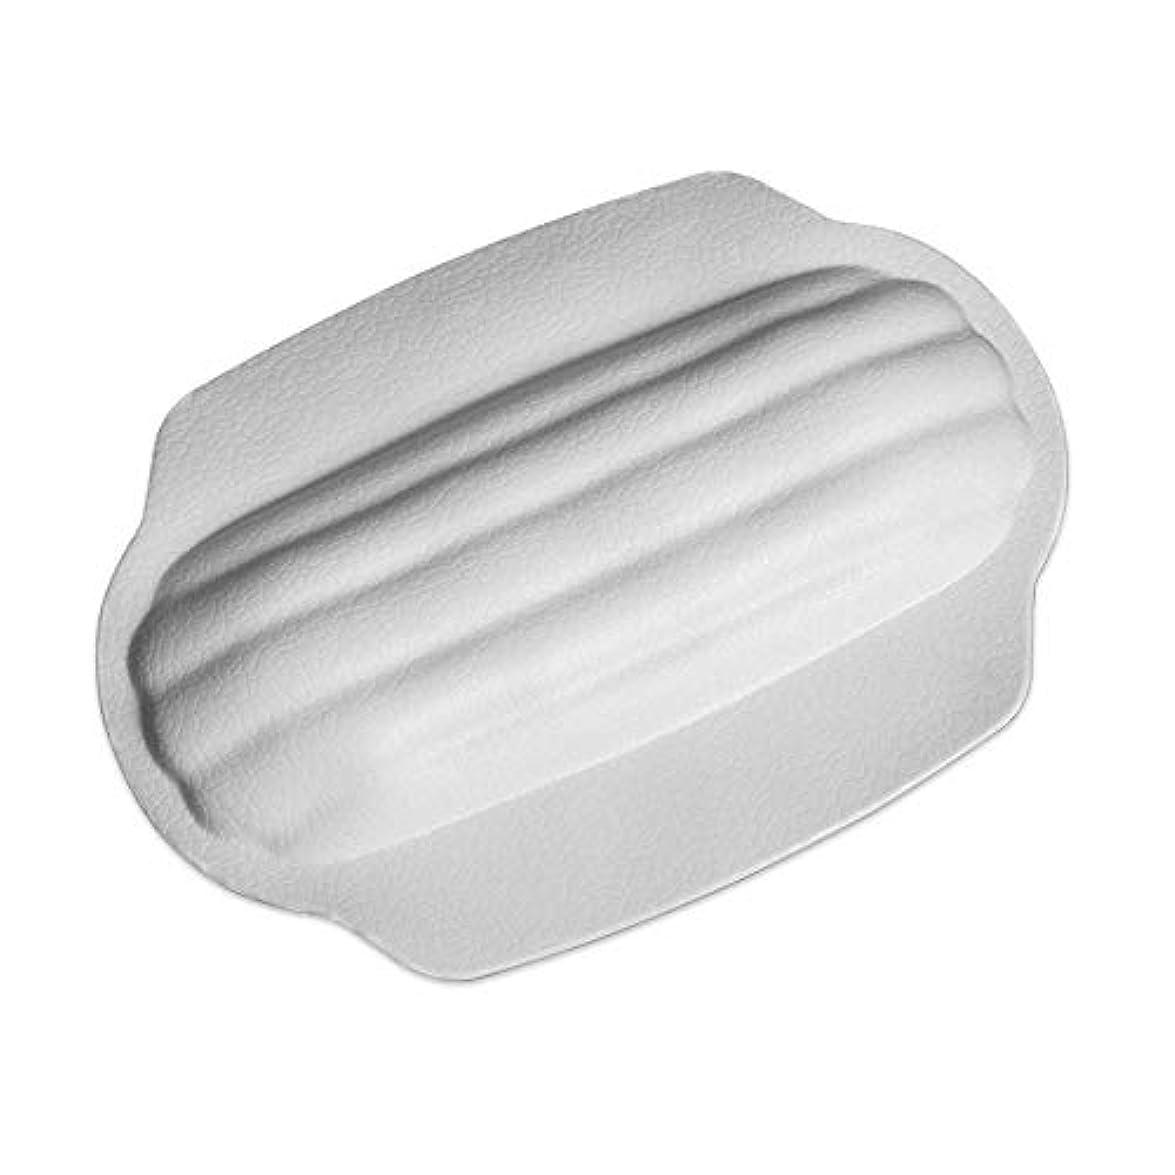 ずるいうんざり連邦サクションカップ付き防水滑り止めスパ枕厚めユニバーサルバスタブ枕バスタブと抗菌性